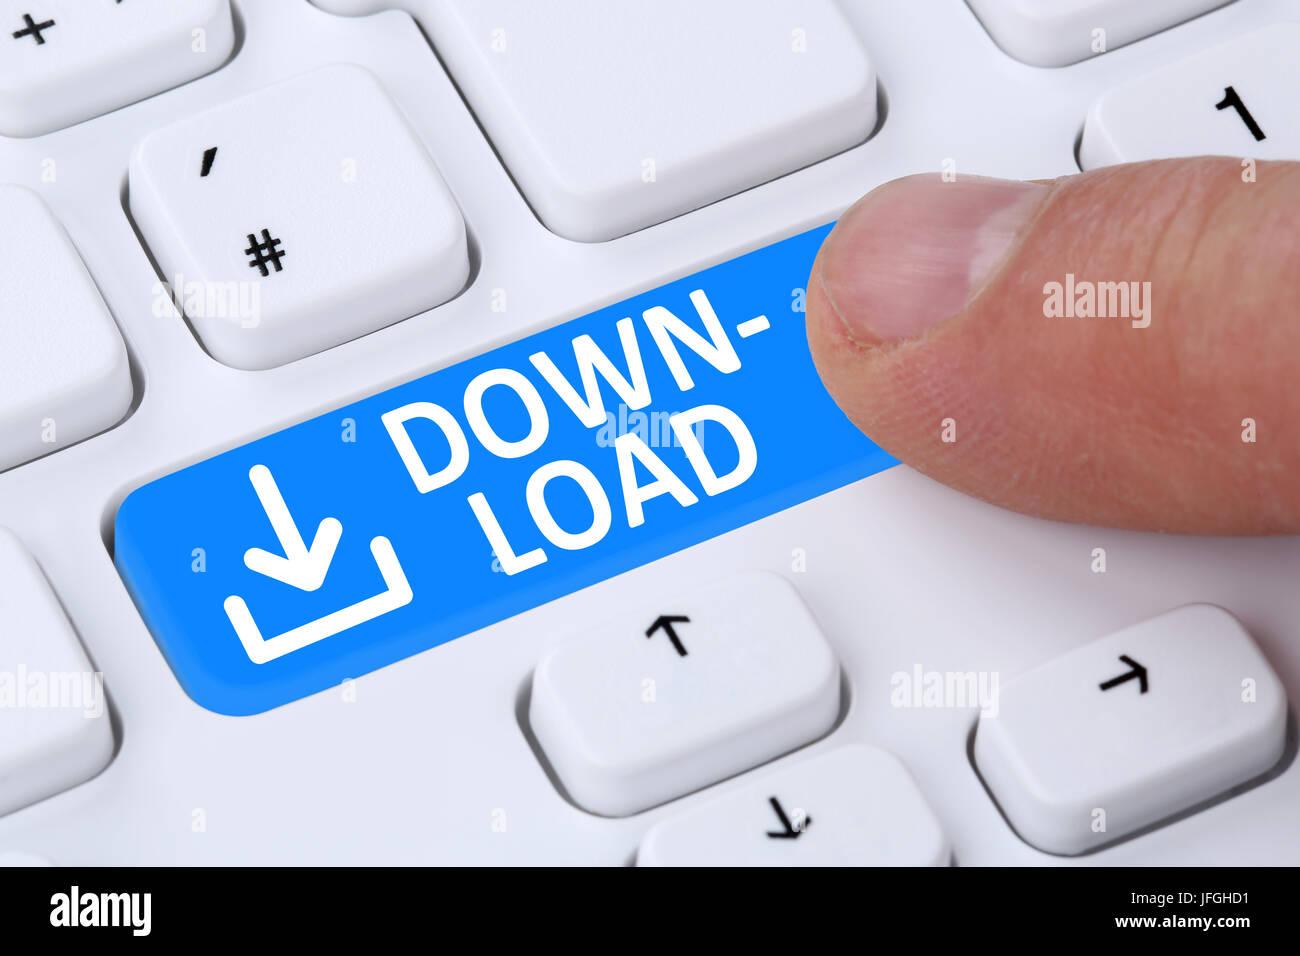 Descargar Herunterladen drücken von Programm símbolo Imagen De Stock